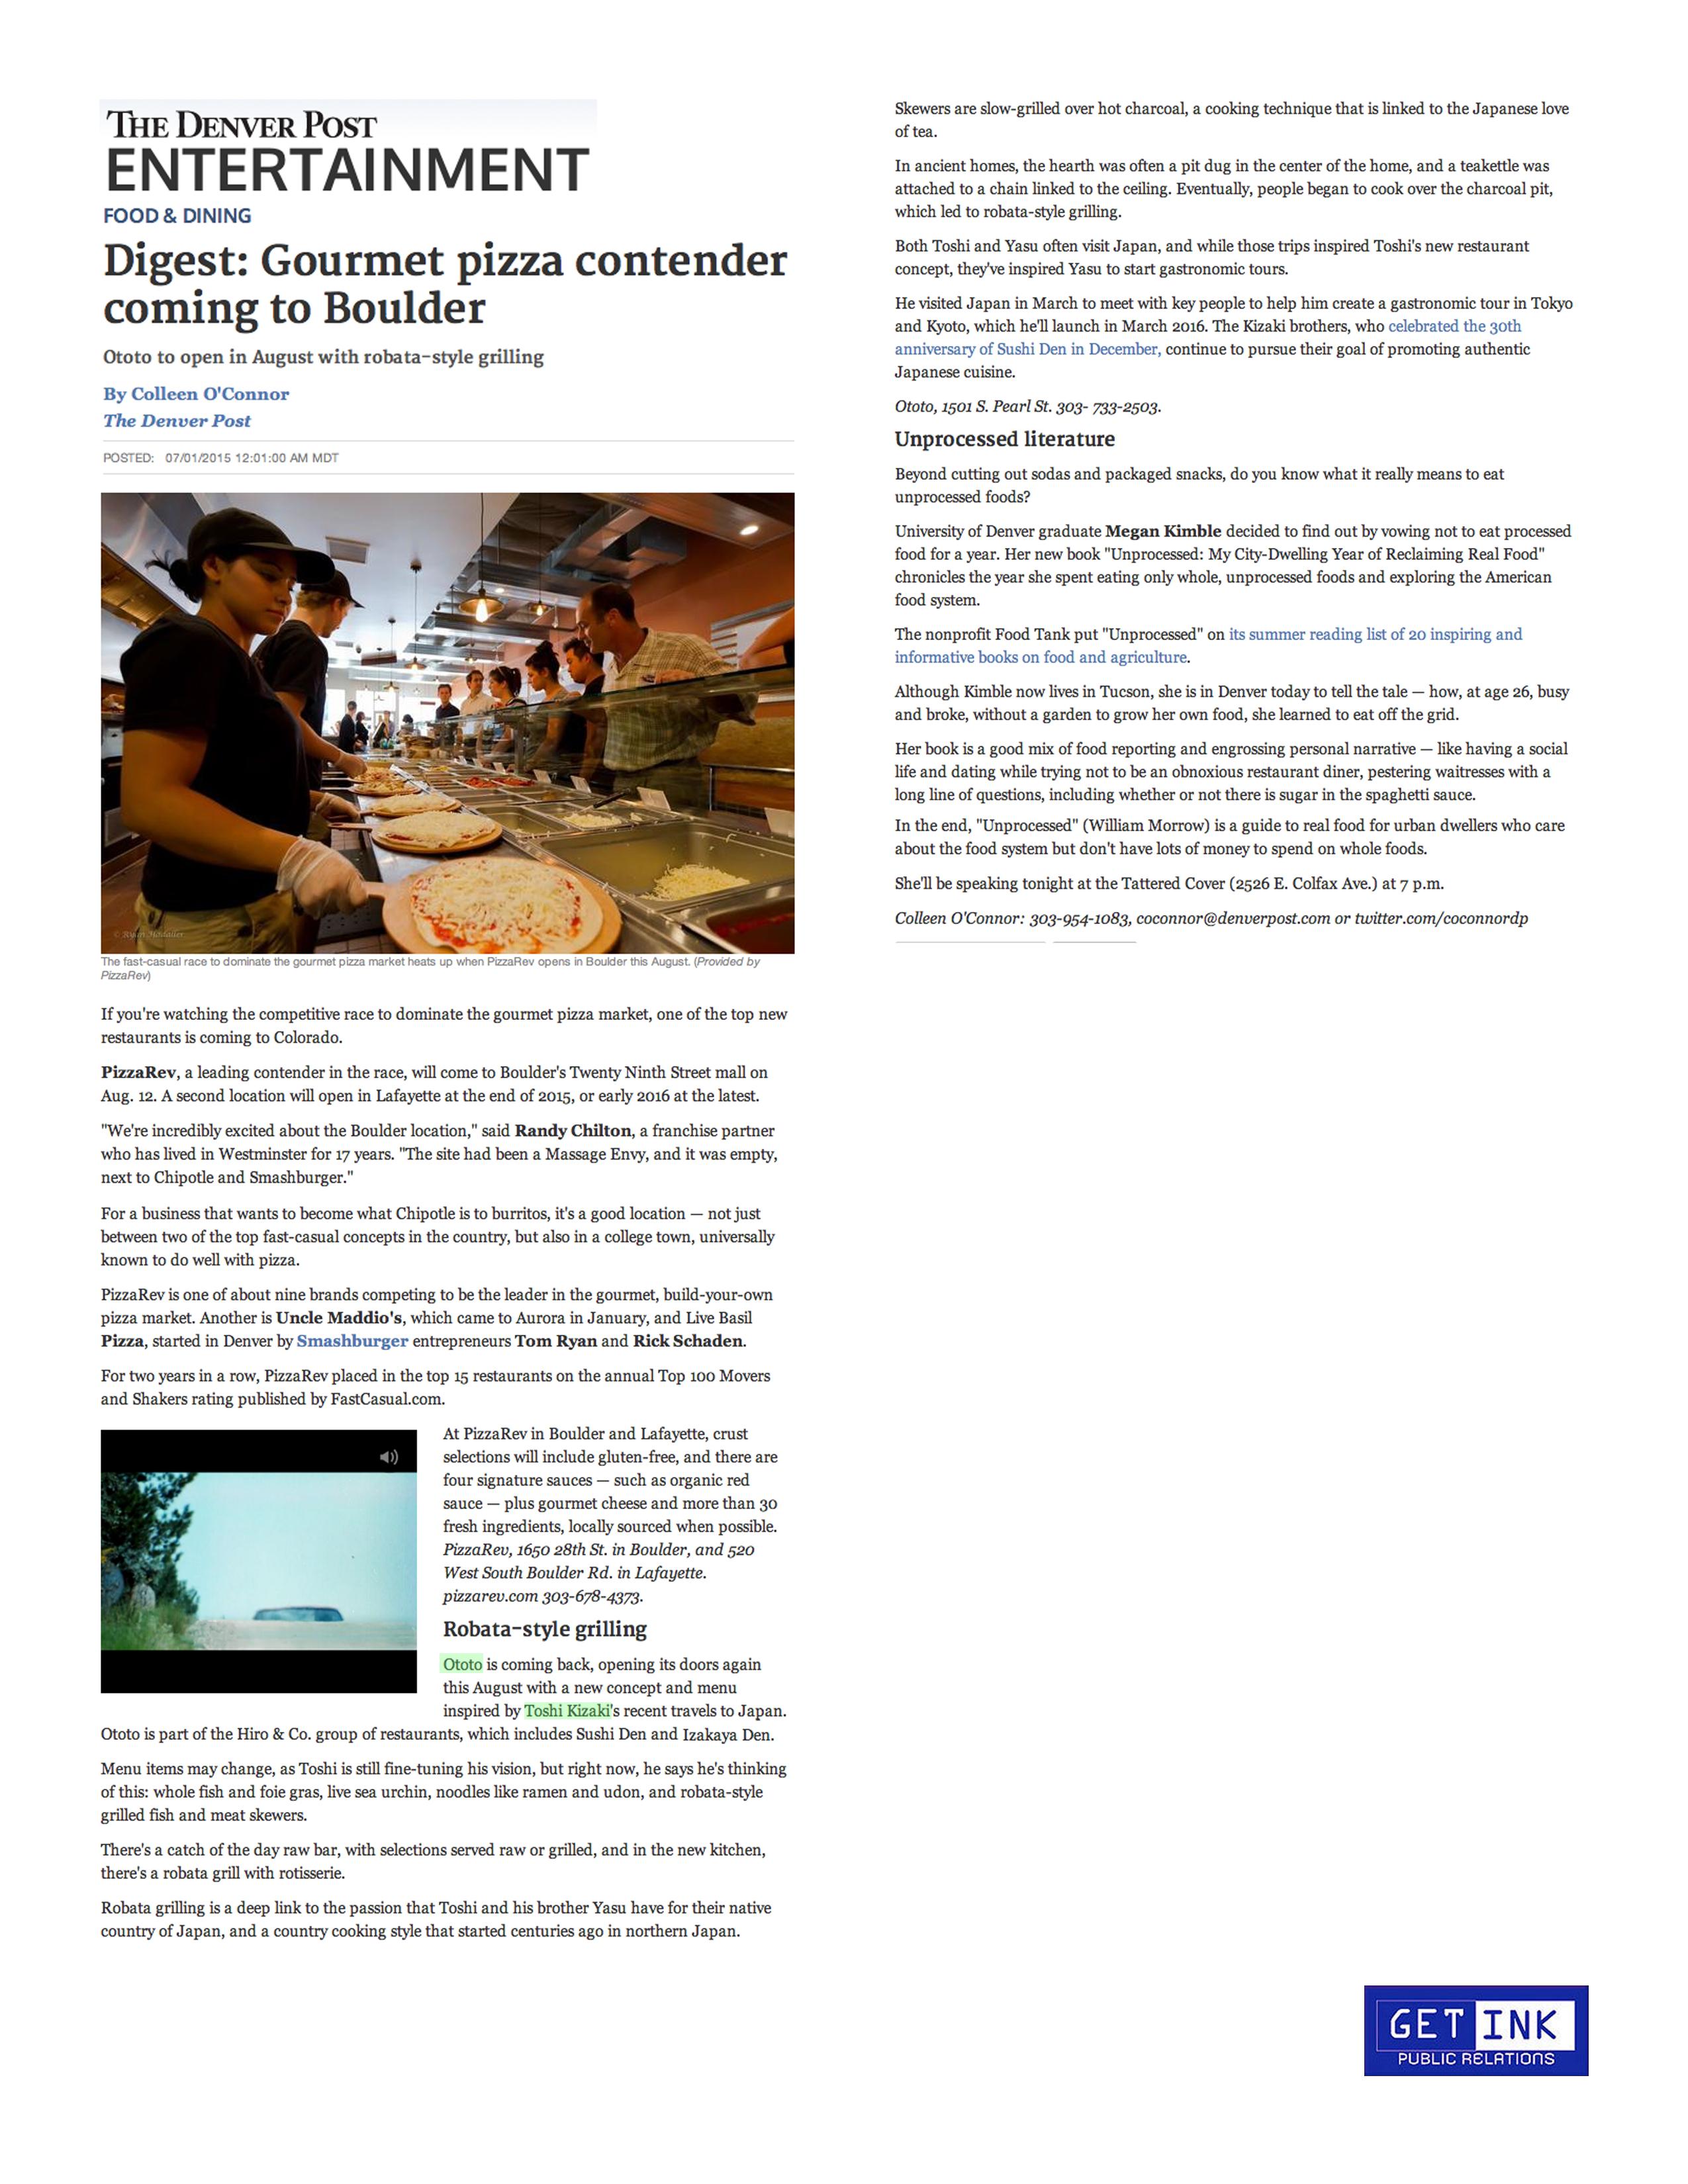 DenverPost.com 7.1.15